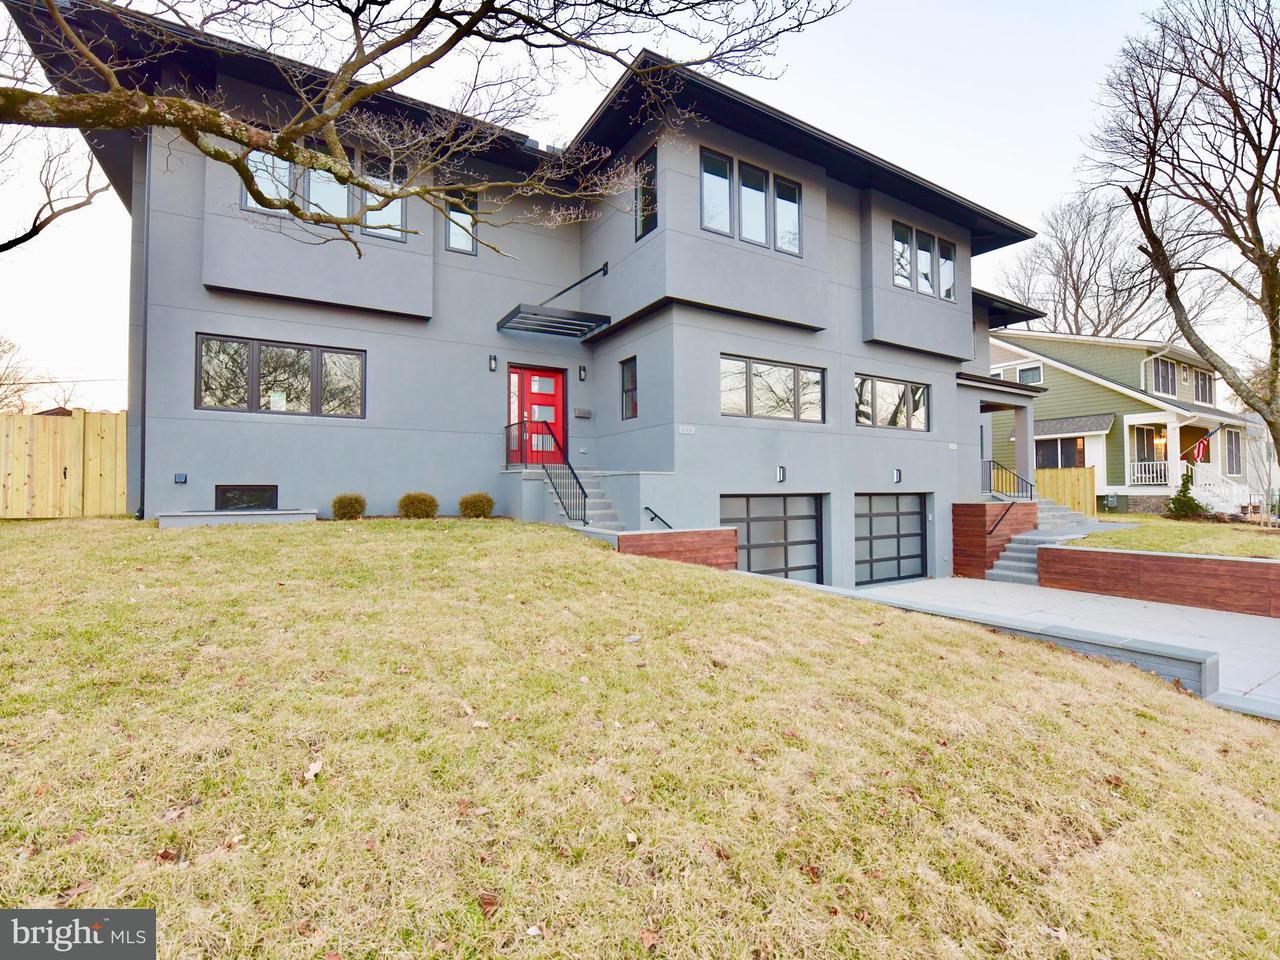 獨棟家庭住宅 為 出售 在 213 W Greenway Blvd 213 W Greenway Blvd Falls Church, 弗吉尼亞州 22046 美國